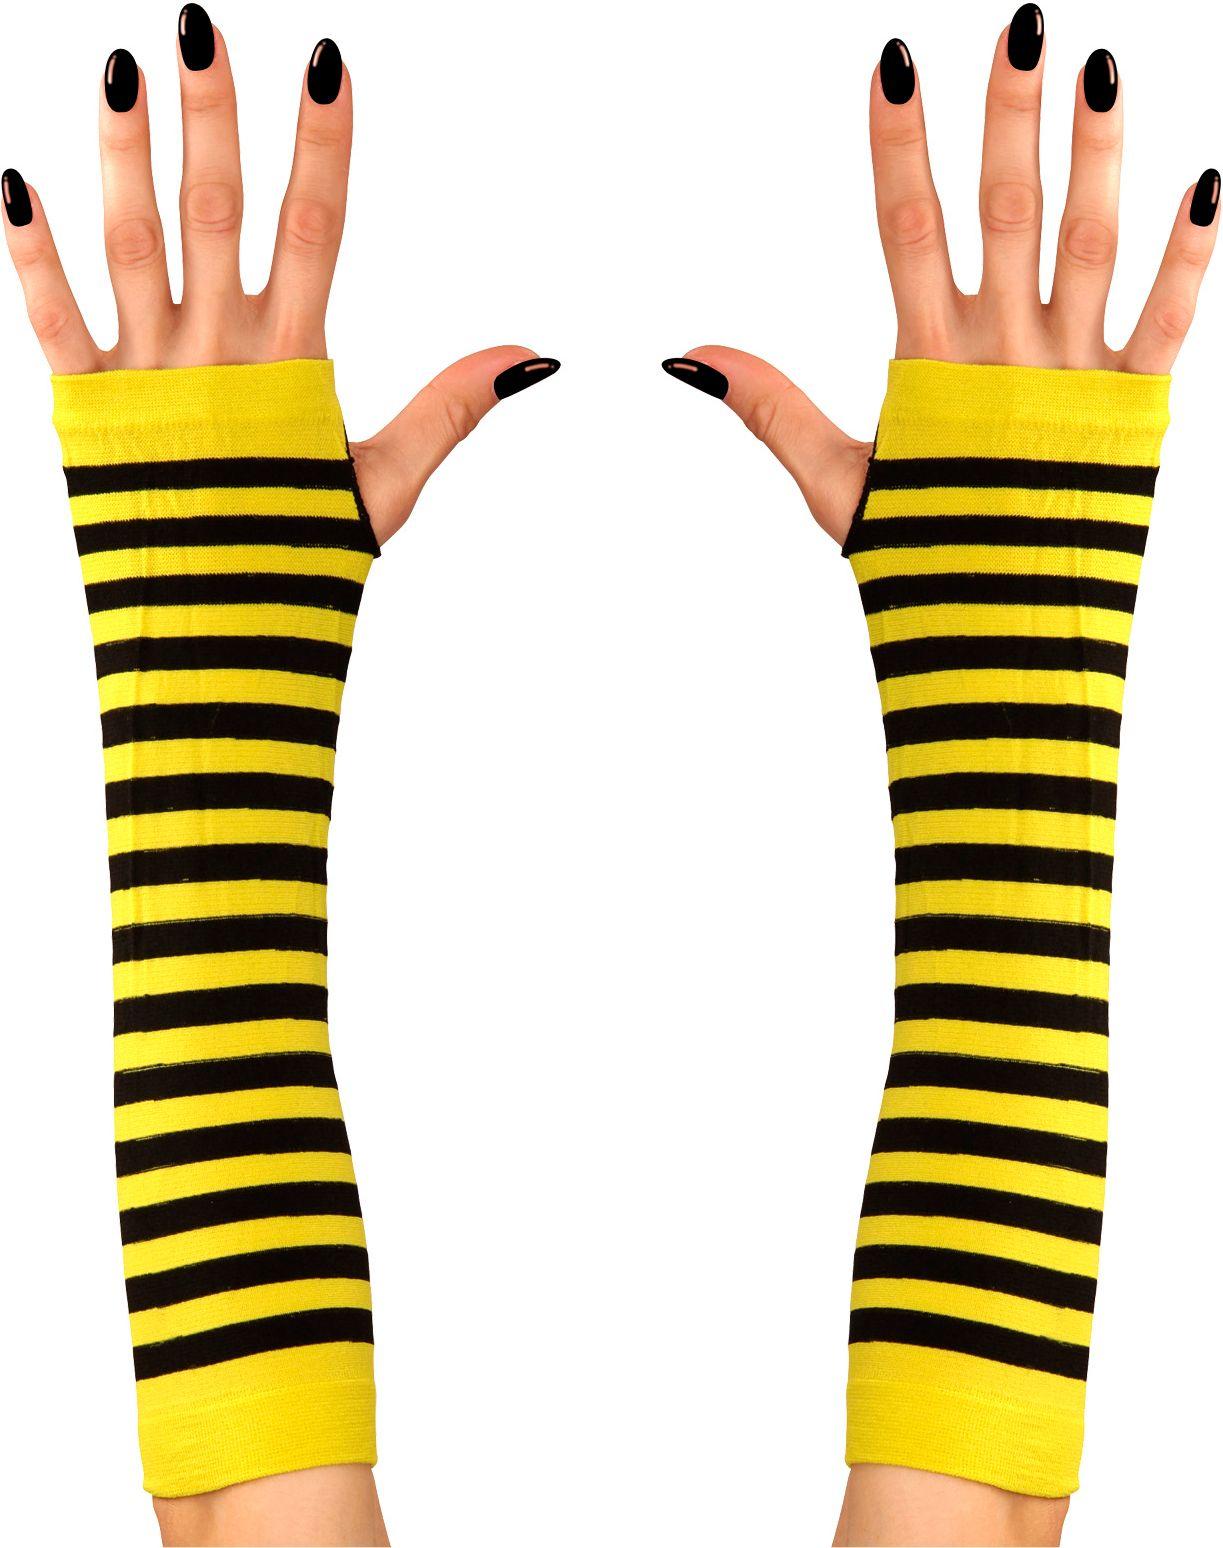 Vingerloze bijen handschoenen